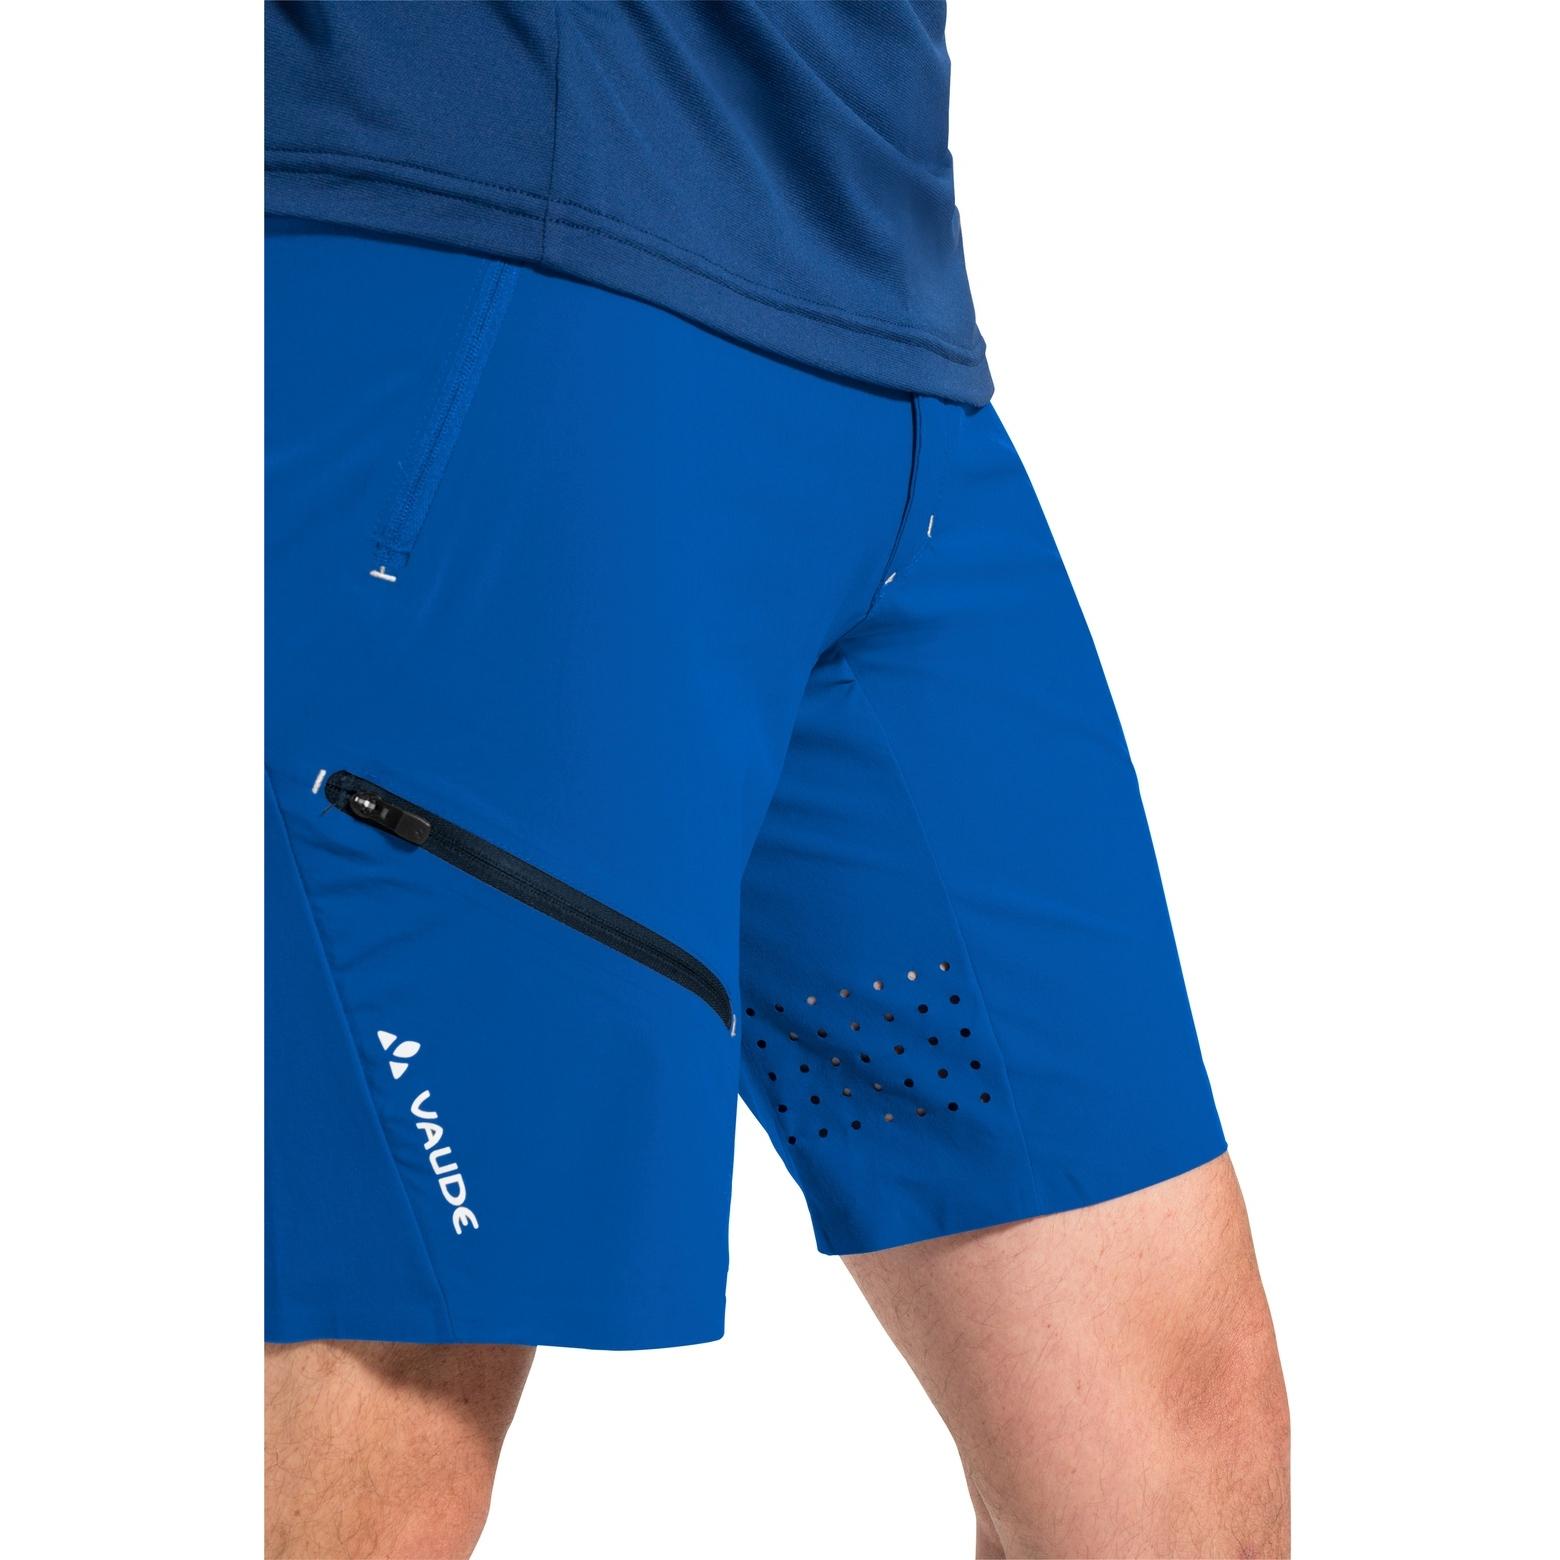 Bild von Vaude Scopi LW Shorts II - signal blue